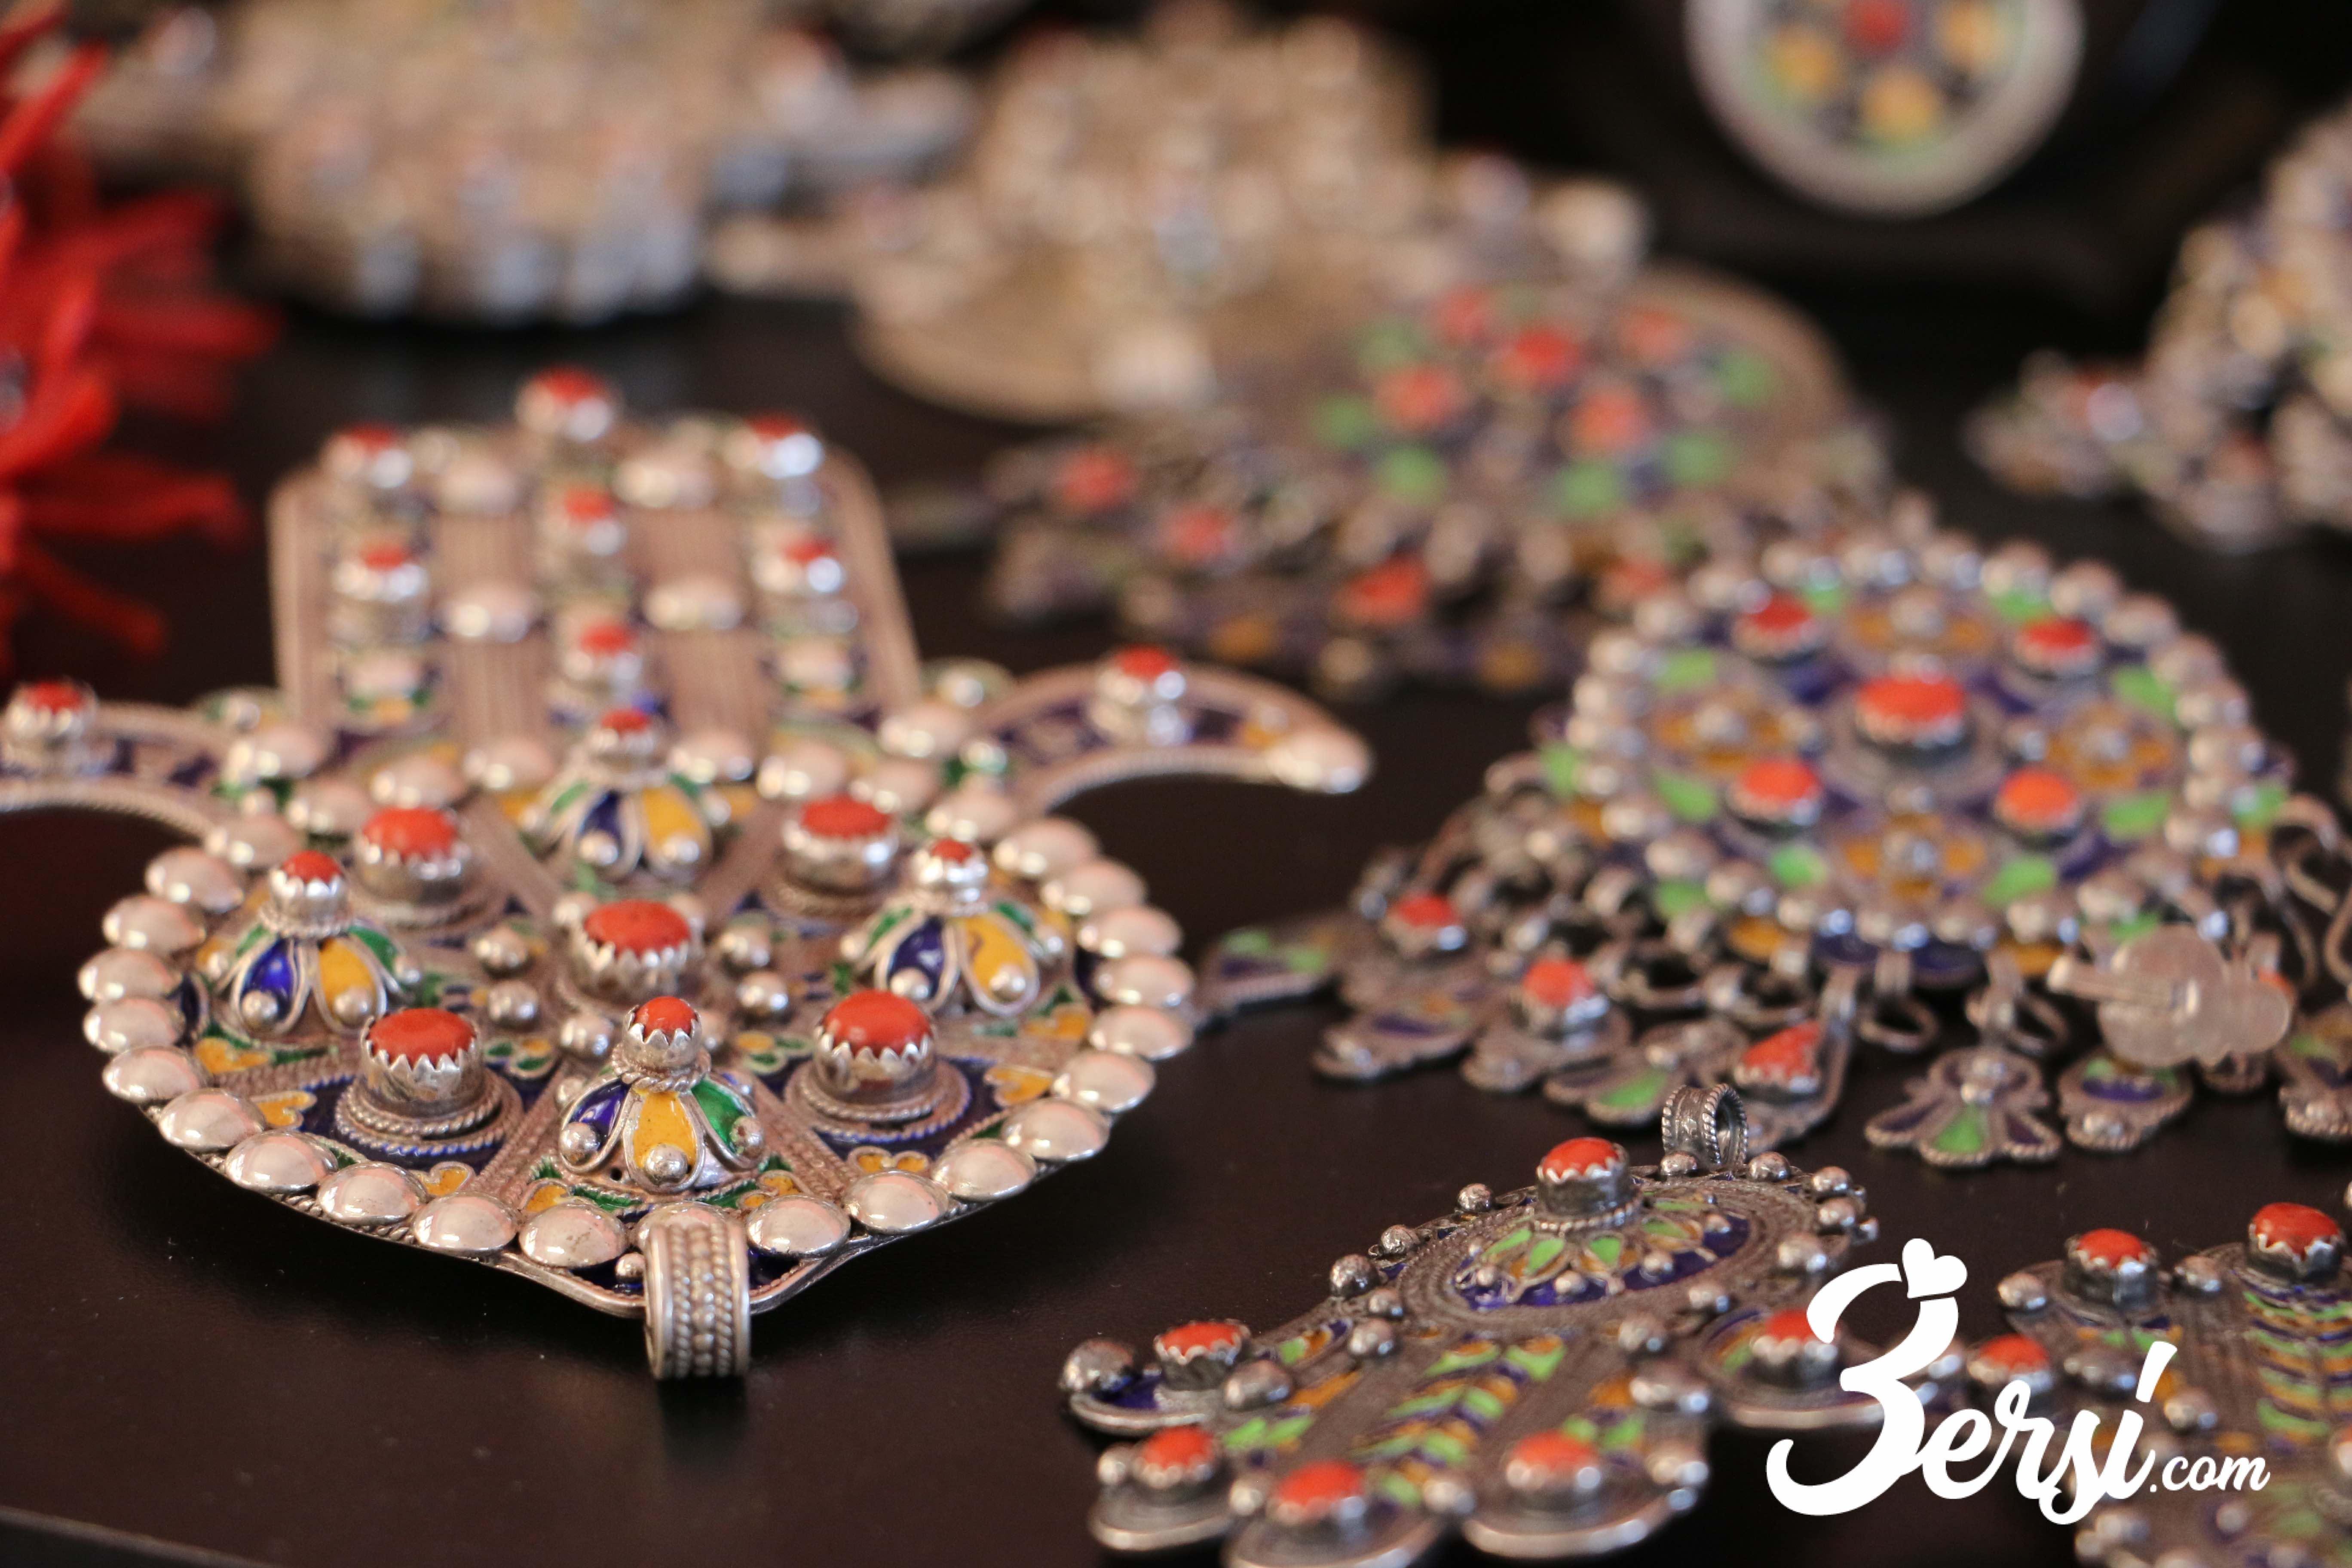 La fête du bijou d'At Yenni, un événement à ne pas manquer pour les futures mariées !